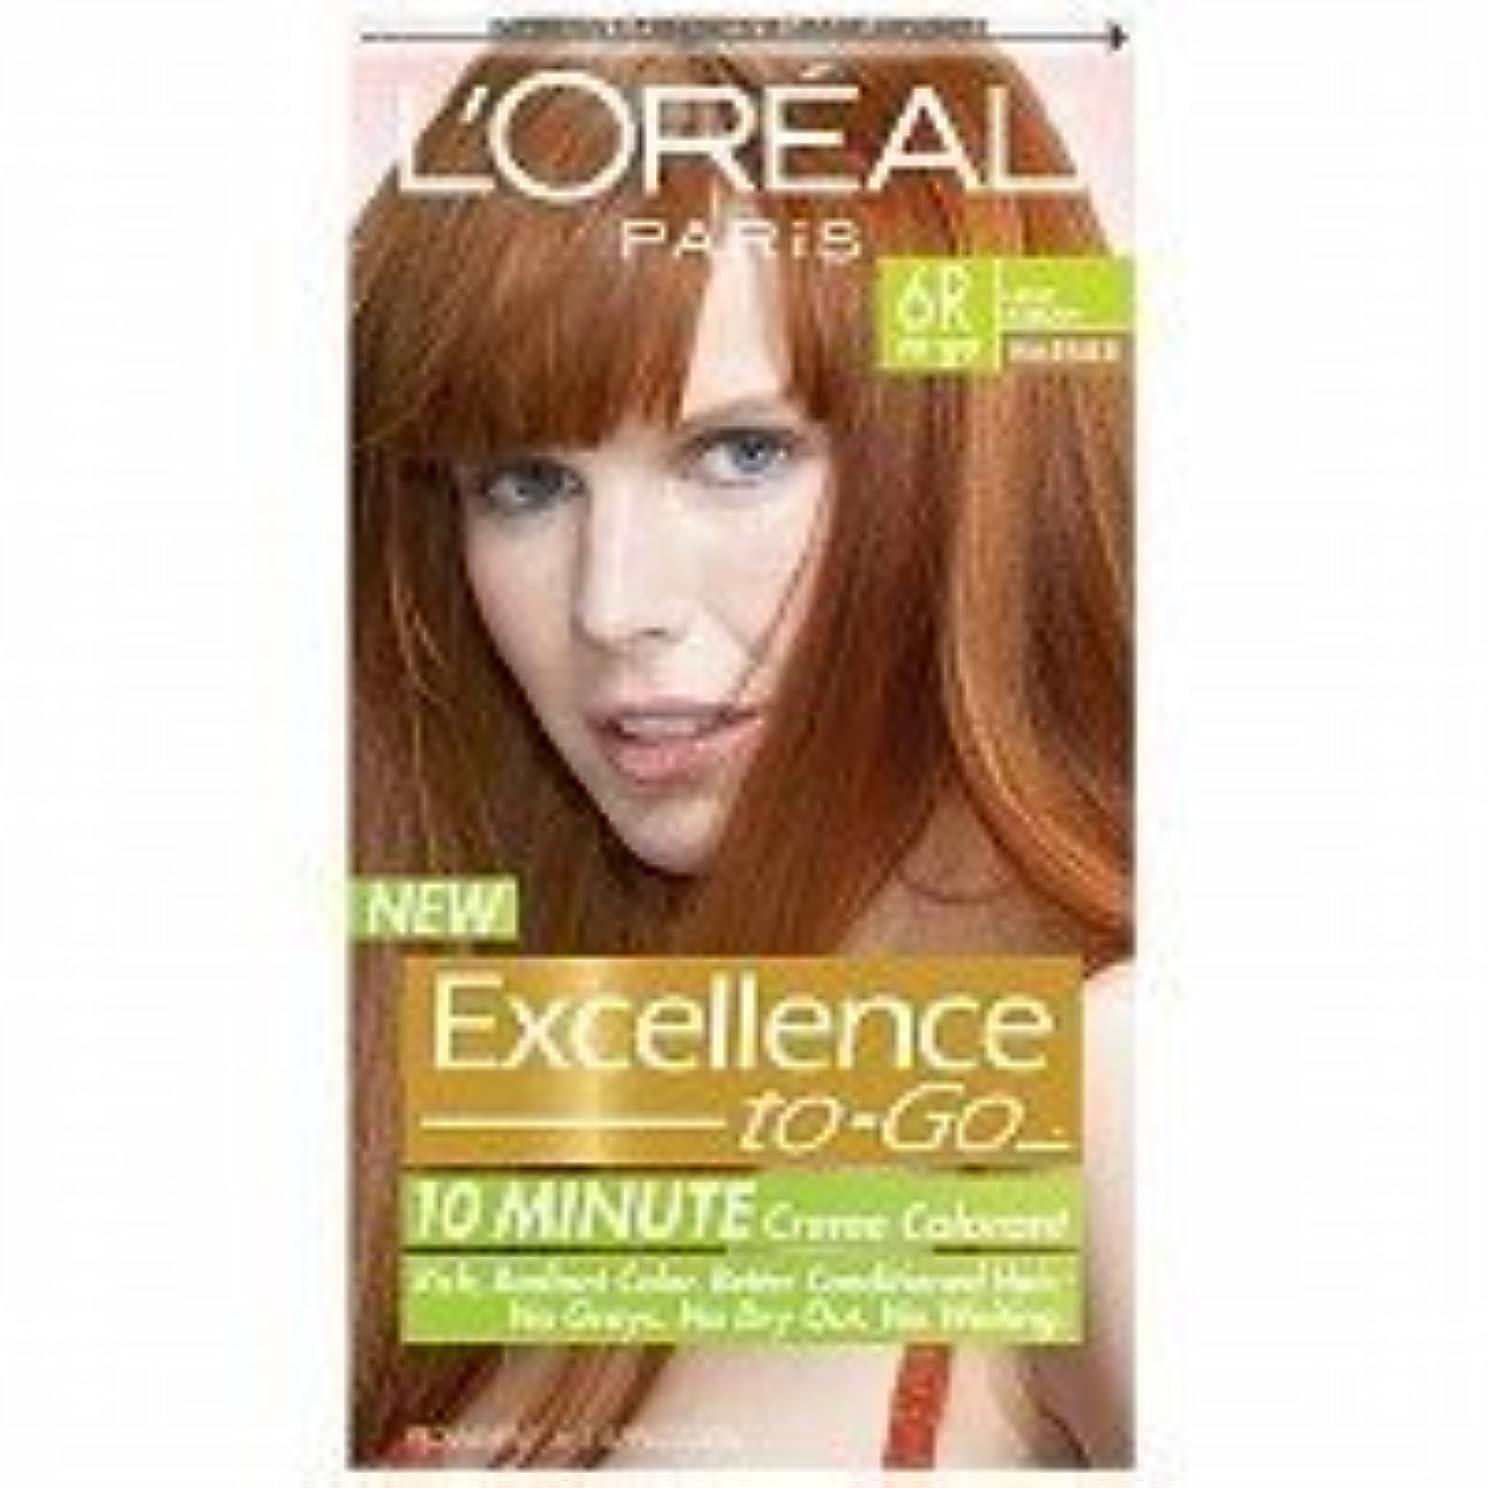 テスピアン気分が良い止まるL'Oreal Paris Excellence To-Go 10-Minute Cr?N?Nme Coloring, Light Auburn 6R by L'Oreal Paris Hair Color [並行輸入品]